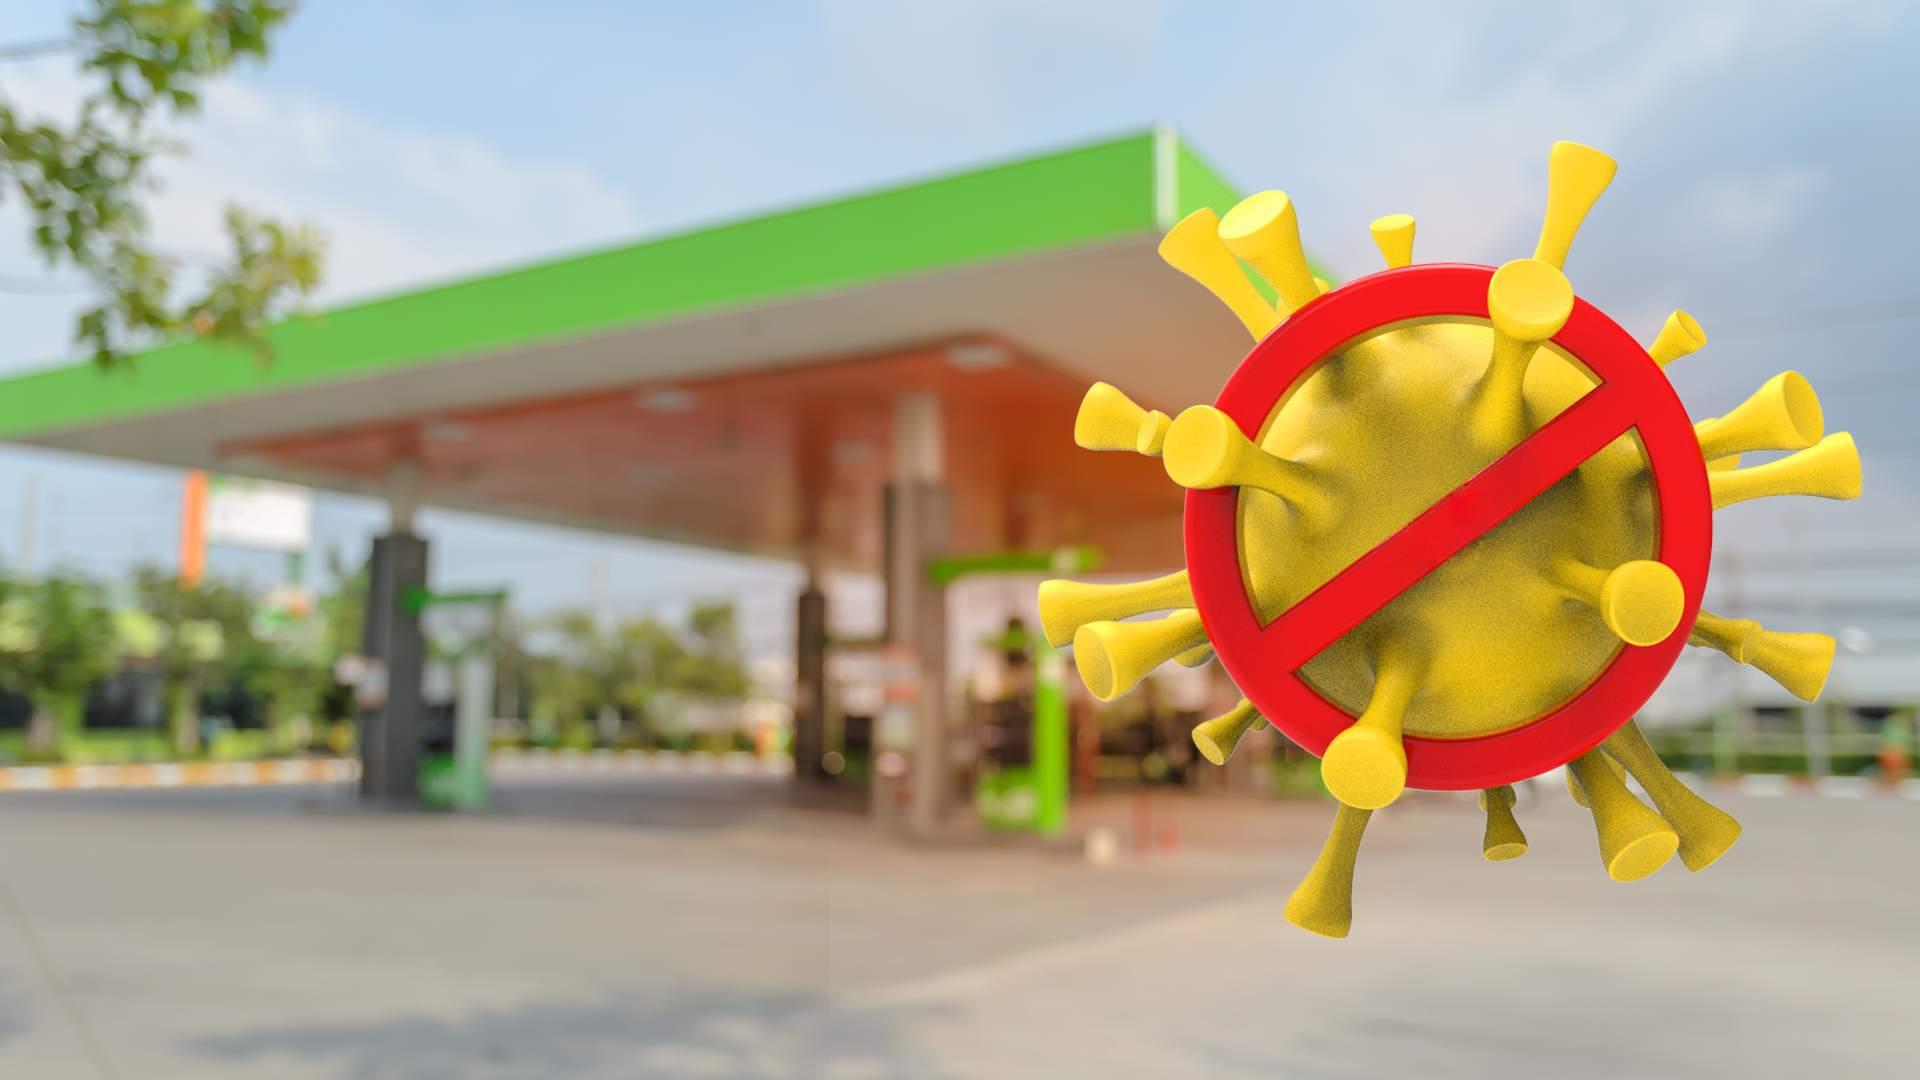 5 Medidas para evitar o contágio de coronavírus em postos de combustíveis